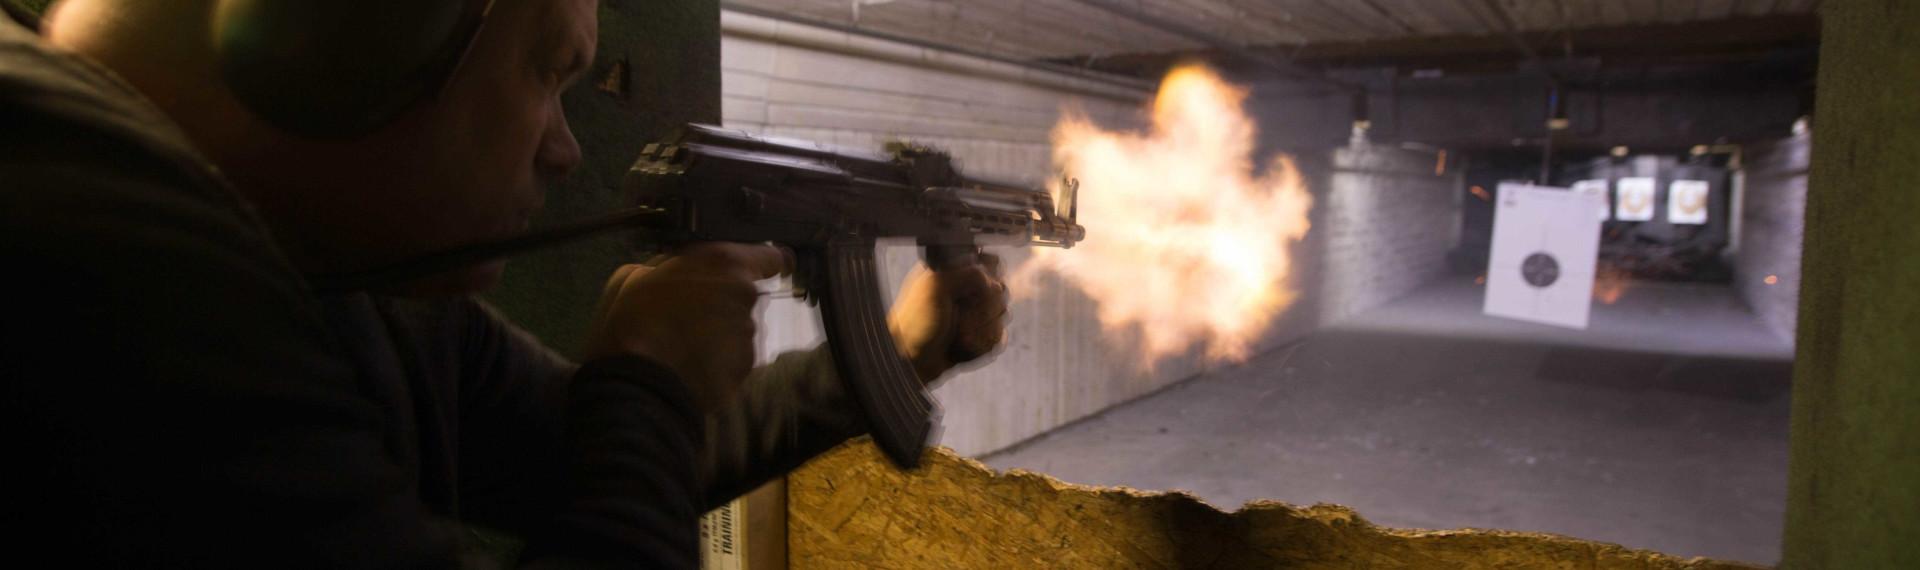 AK-47 Ekstremskyting Budapest